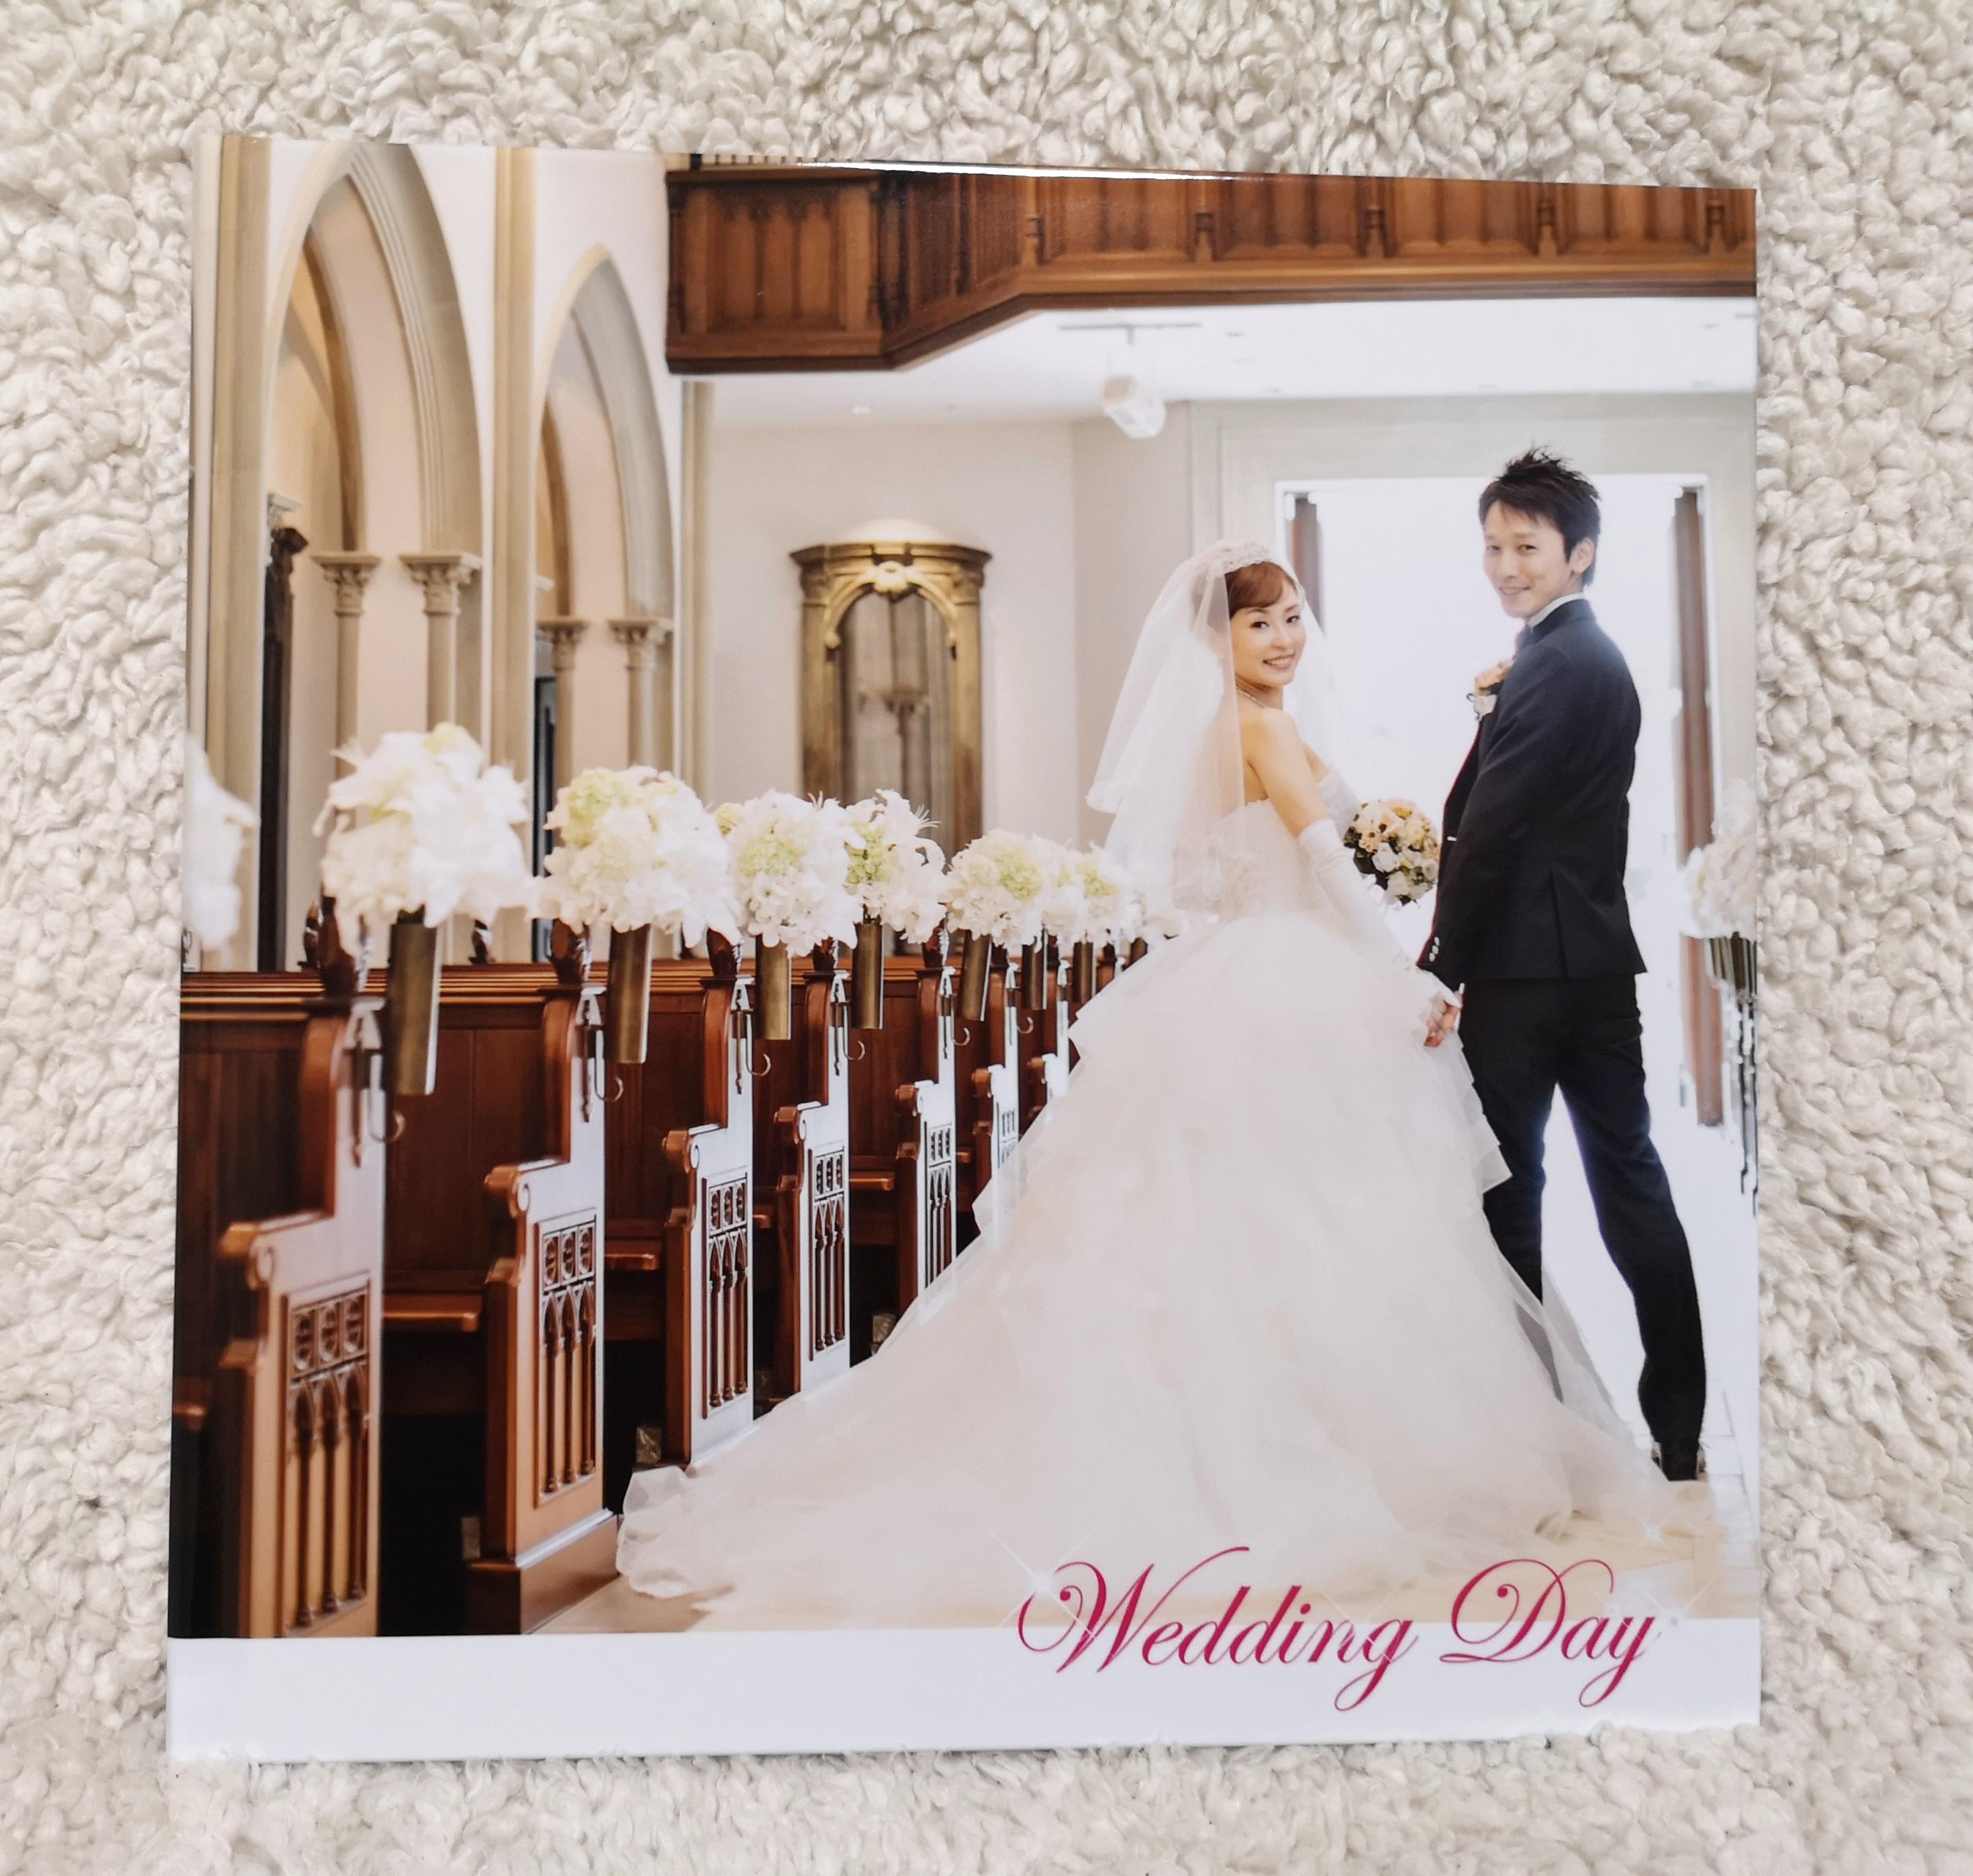 結婚式におすすめフォトブック画像ーマイブックフォトブックー表紙